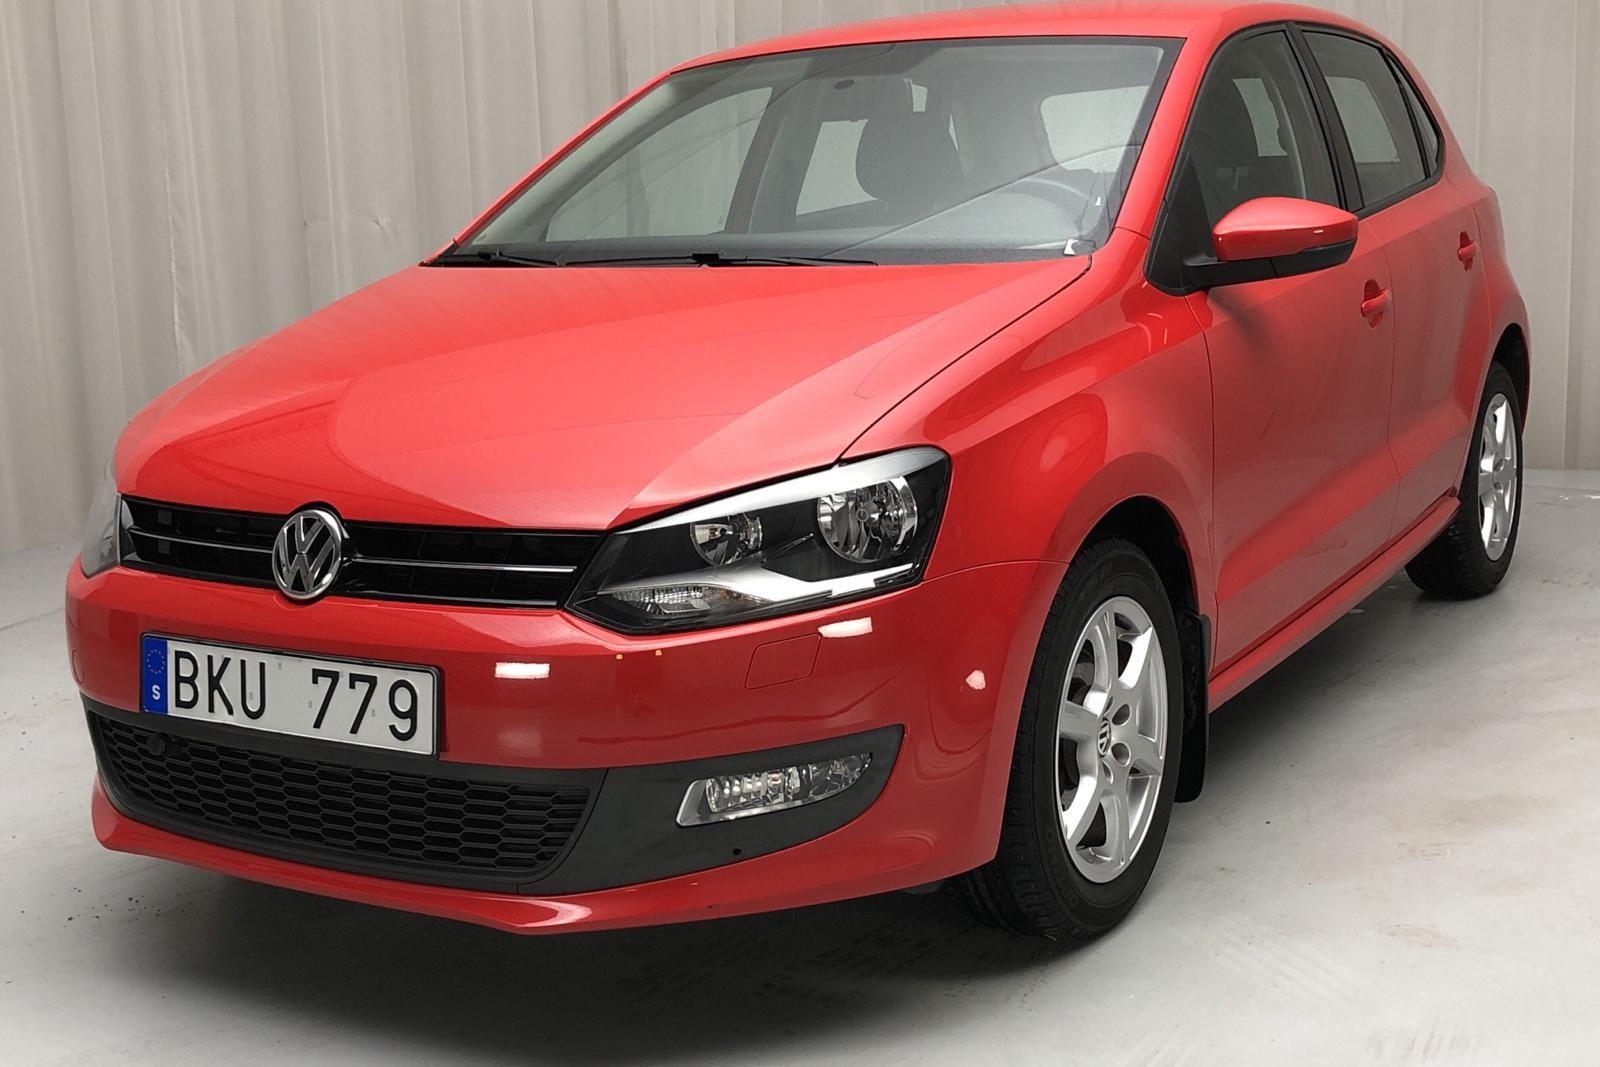 VW Polo 1.2 TSI 5dr (90hk)